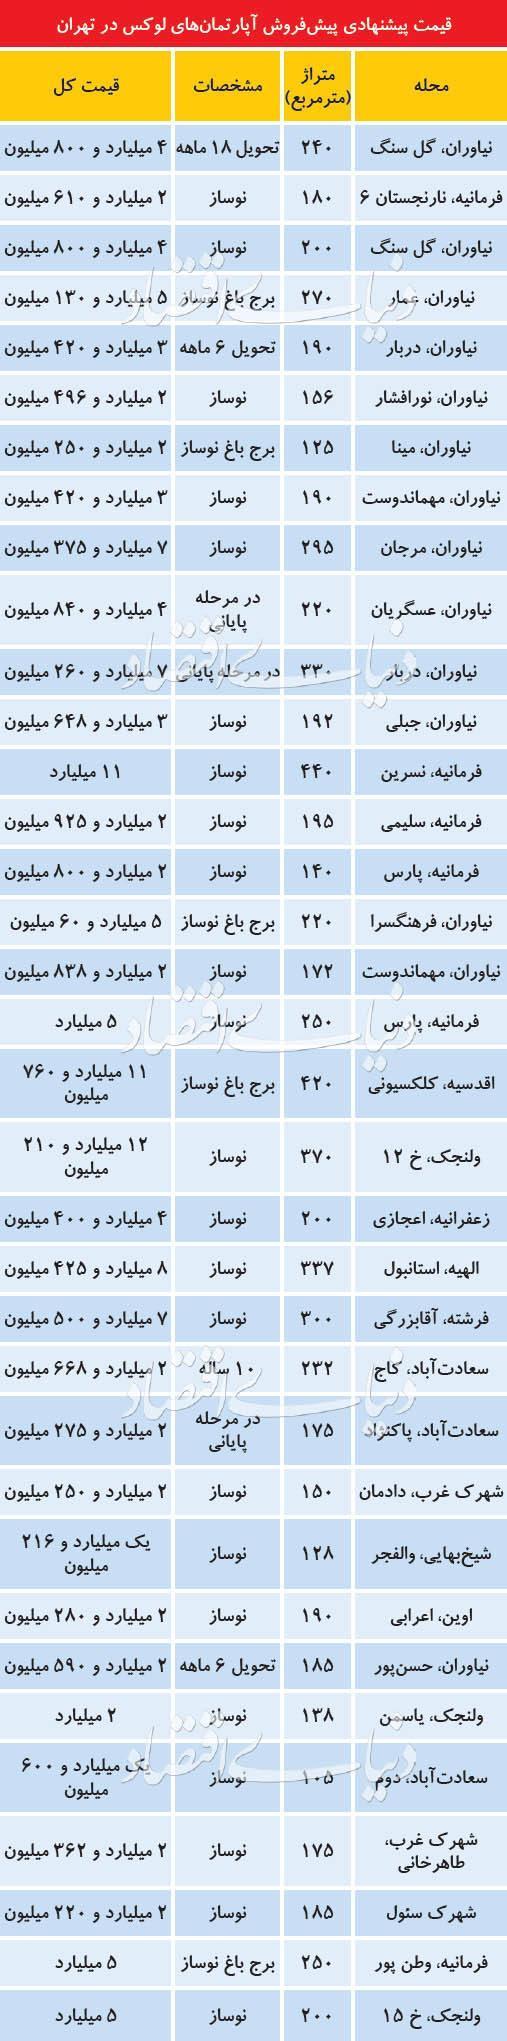 جدول، آپارتمان لوکس در تهران چند؟